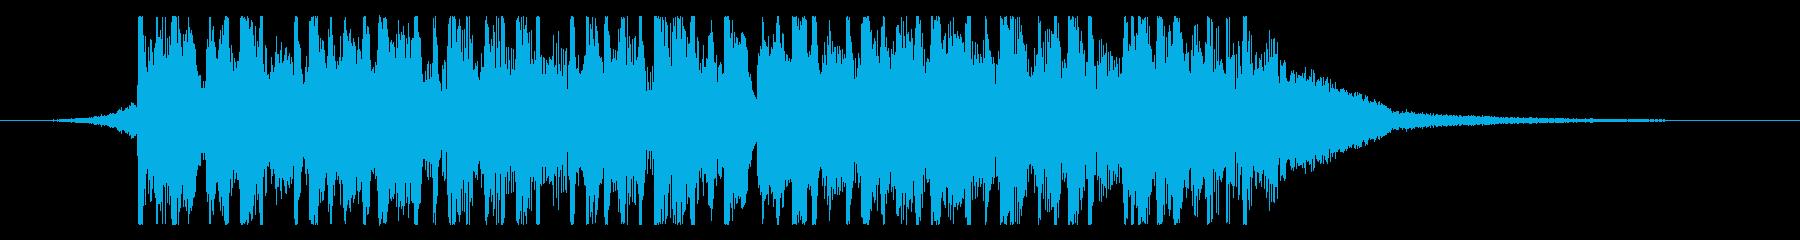 インディーロック ポップロック ポ...の再生済みの波形